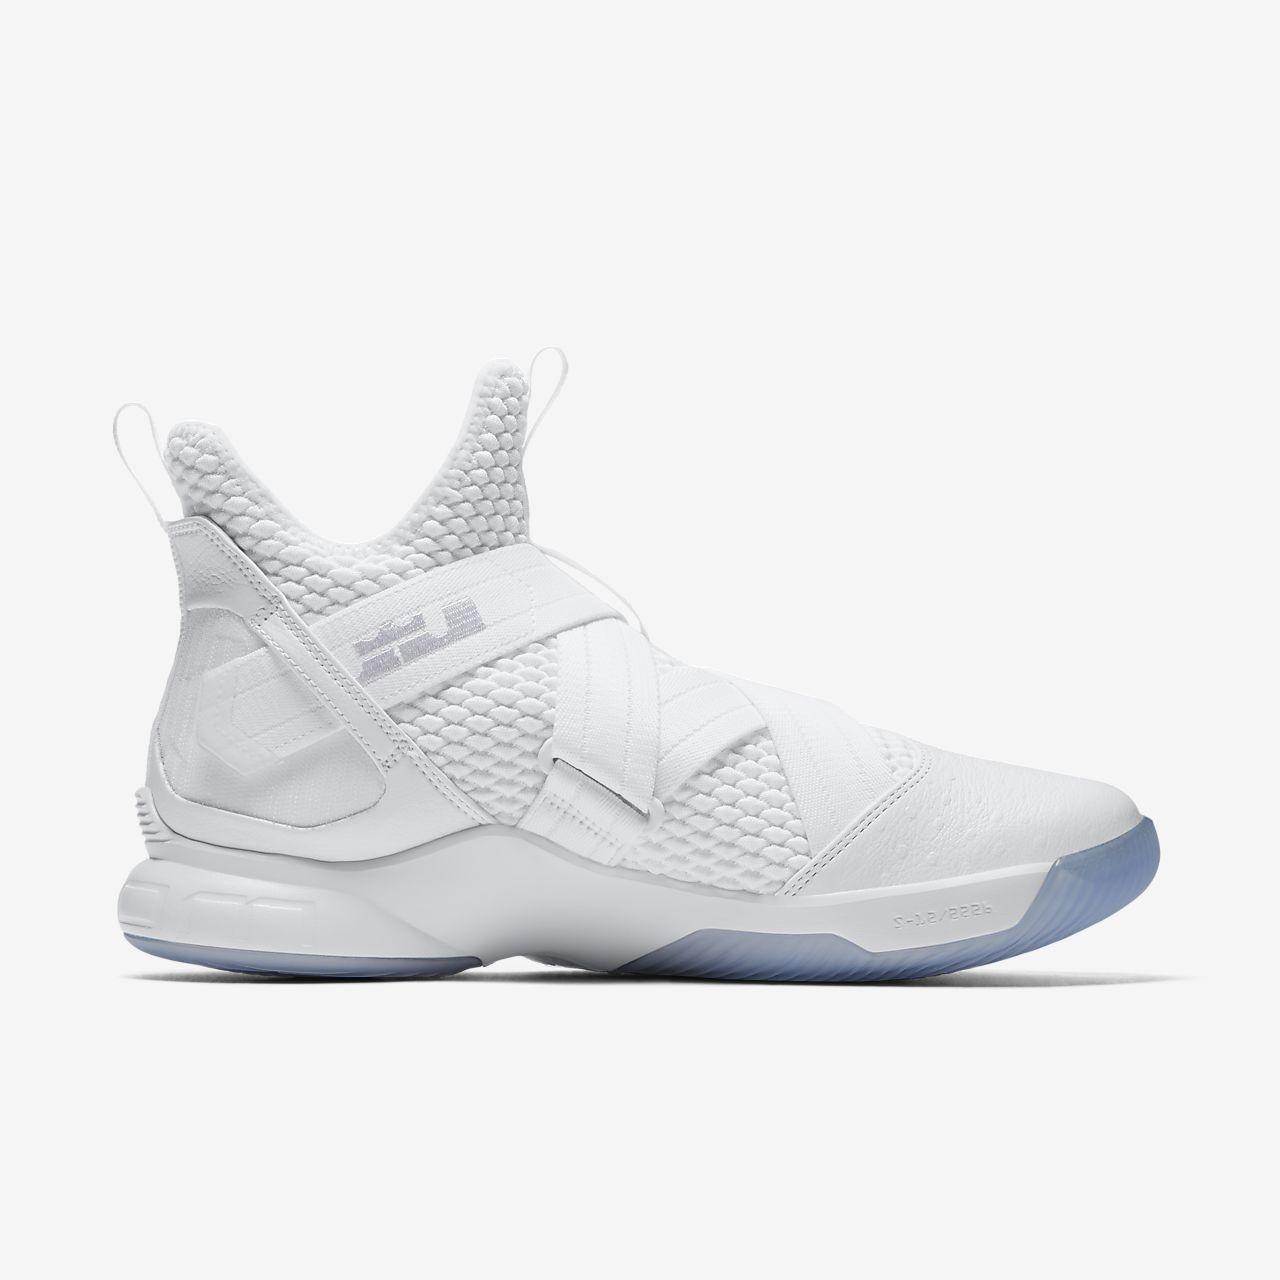 8d359ed4ace Calzado de básquetbol LeBron Soldier 12 SFG. Nike.com MX